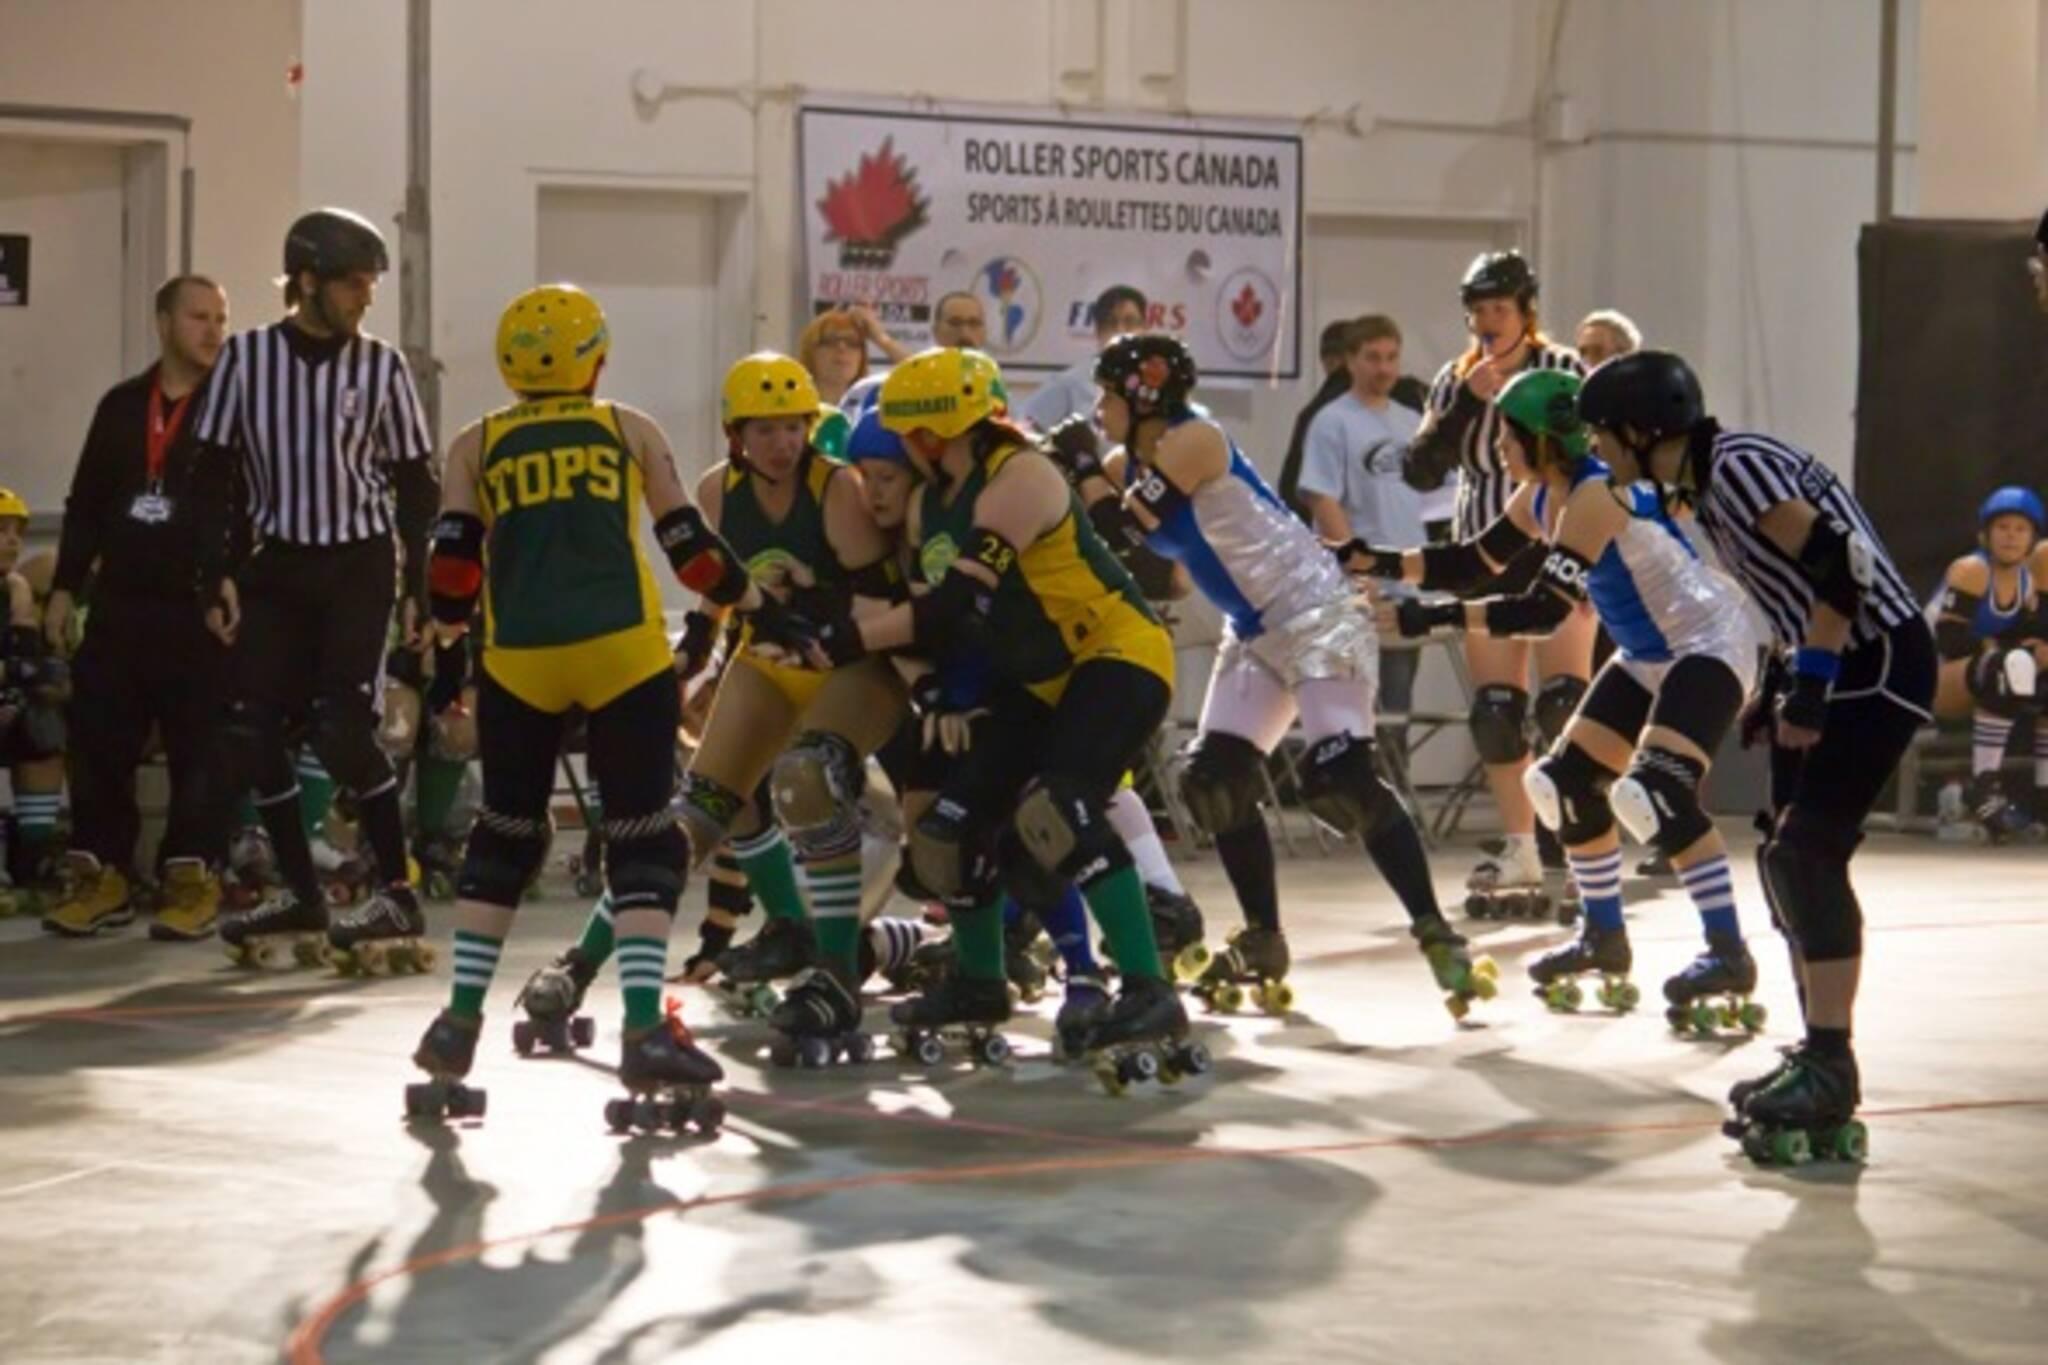 Roller Derby World Cup Toronto